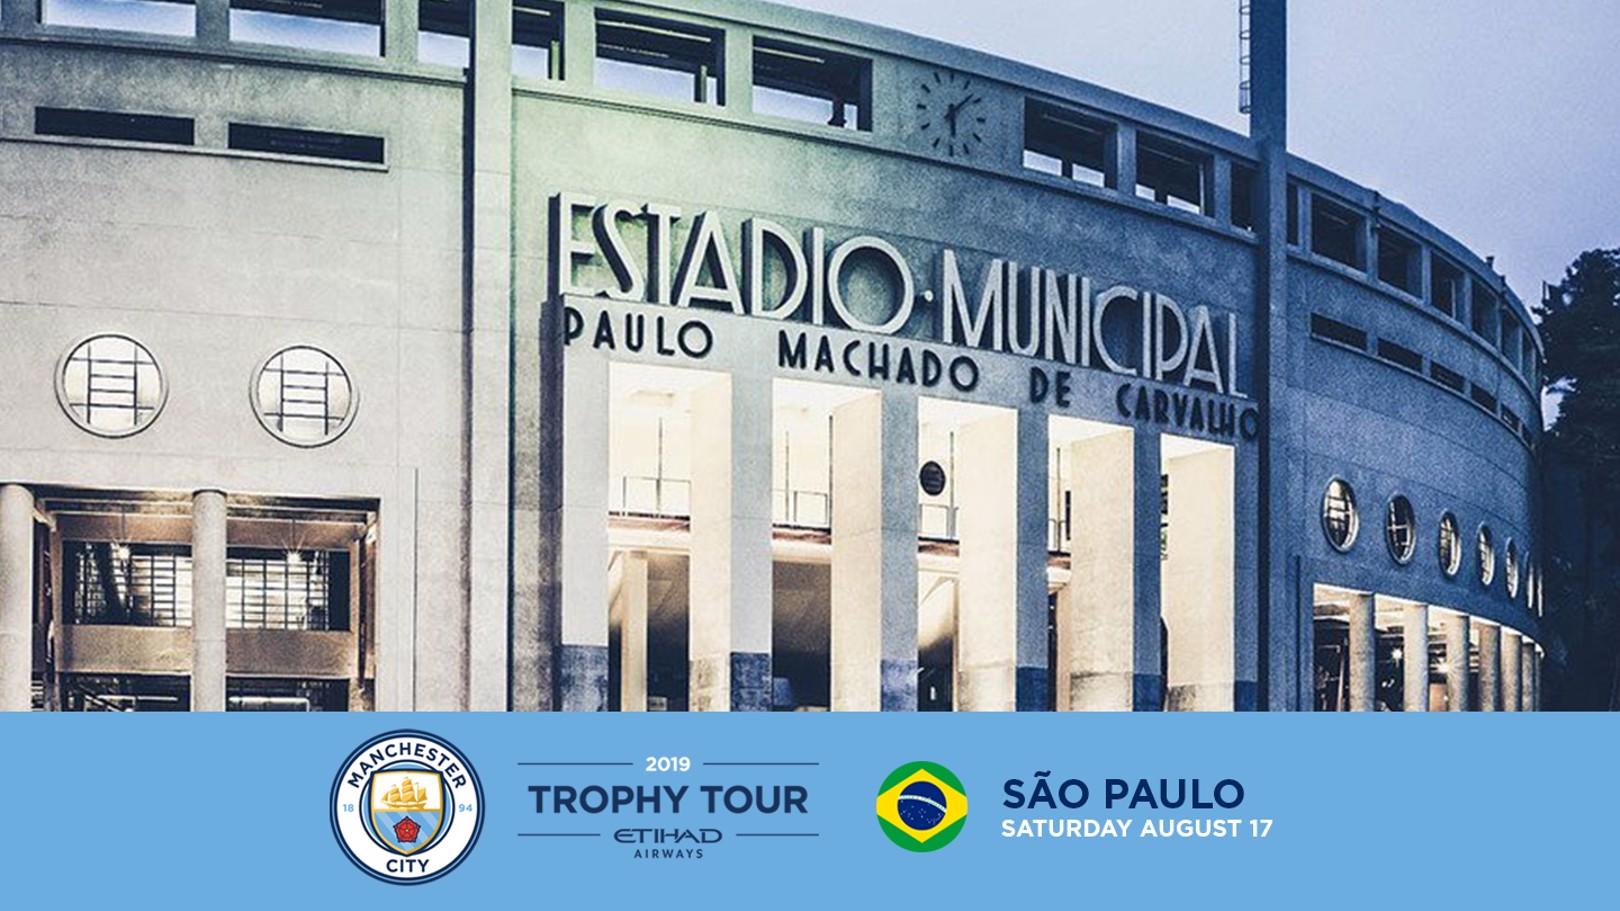 Os troféus vão chegar a São Paulo